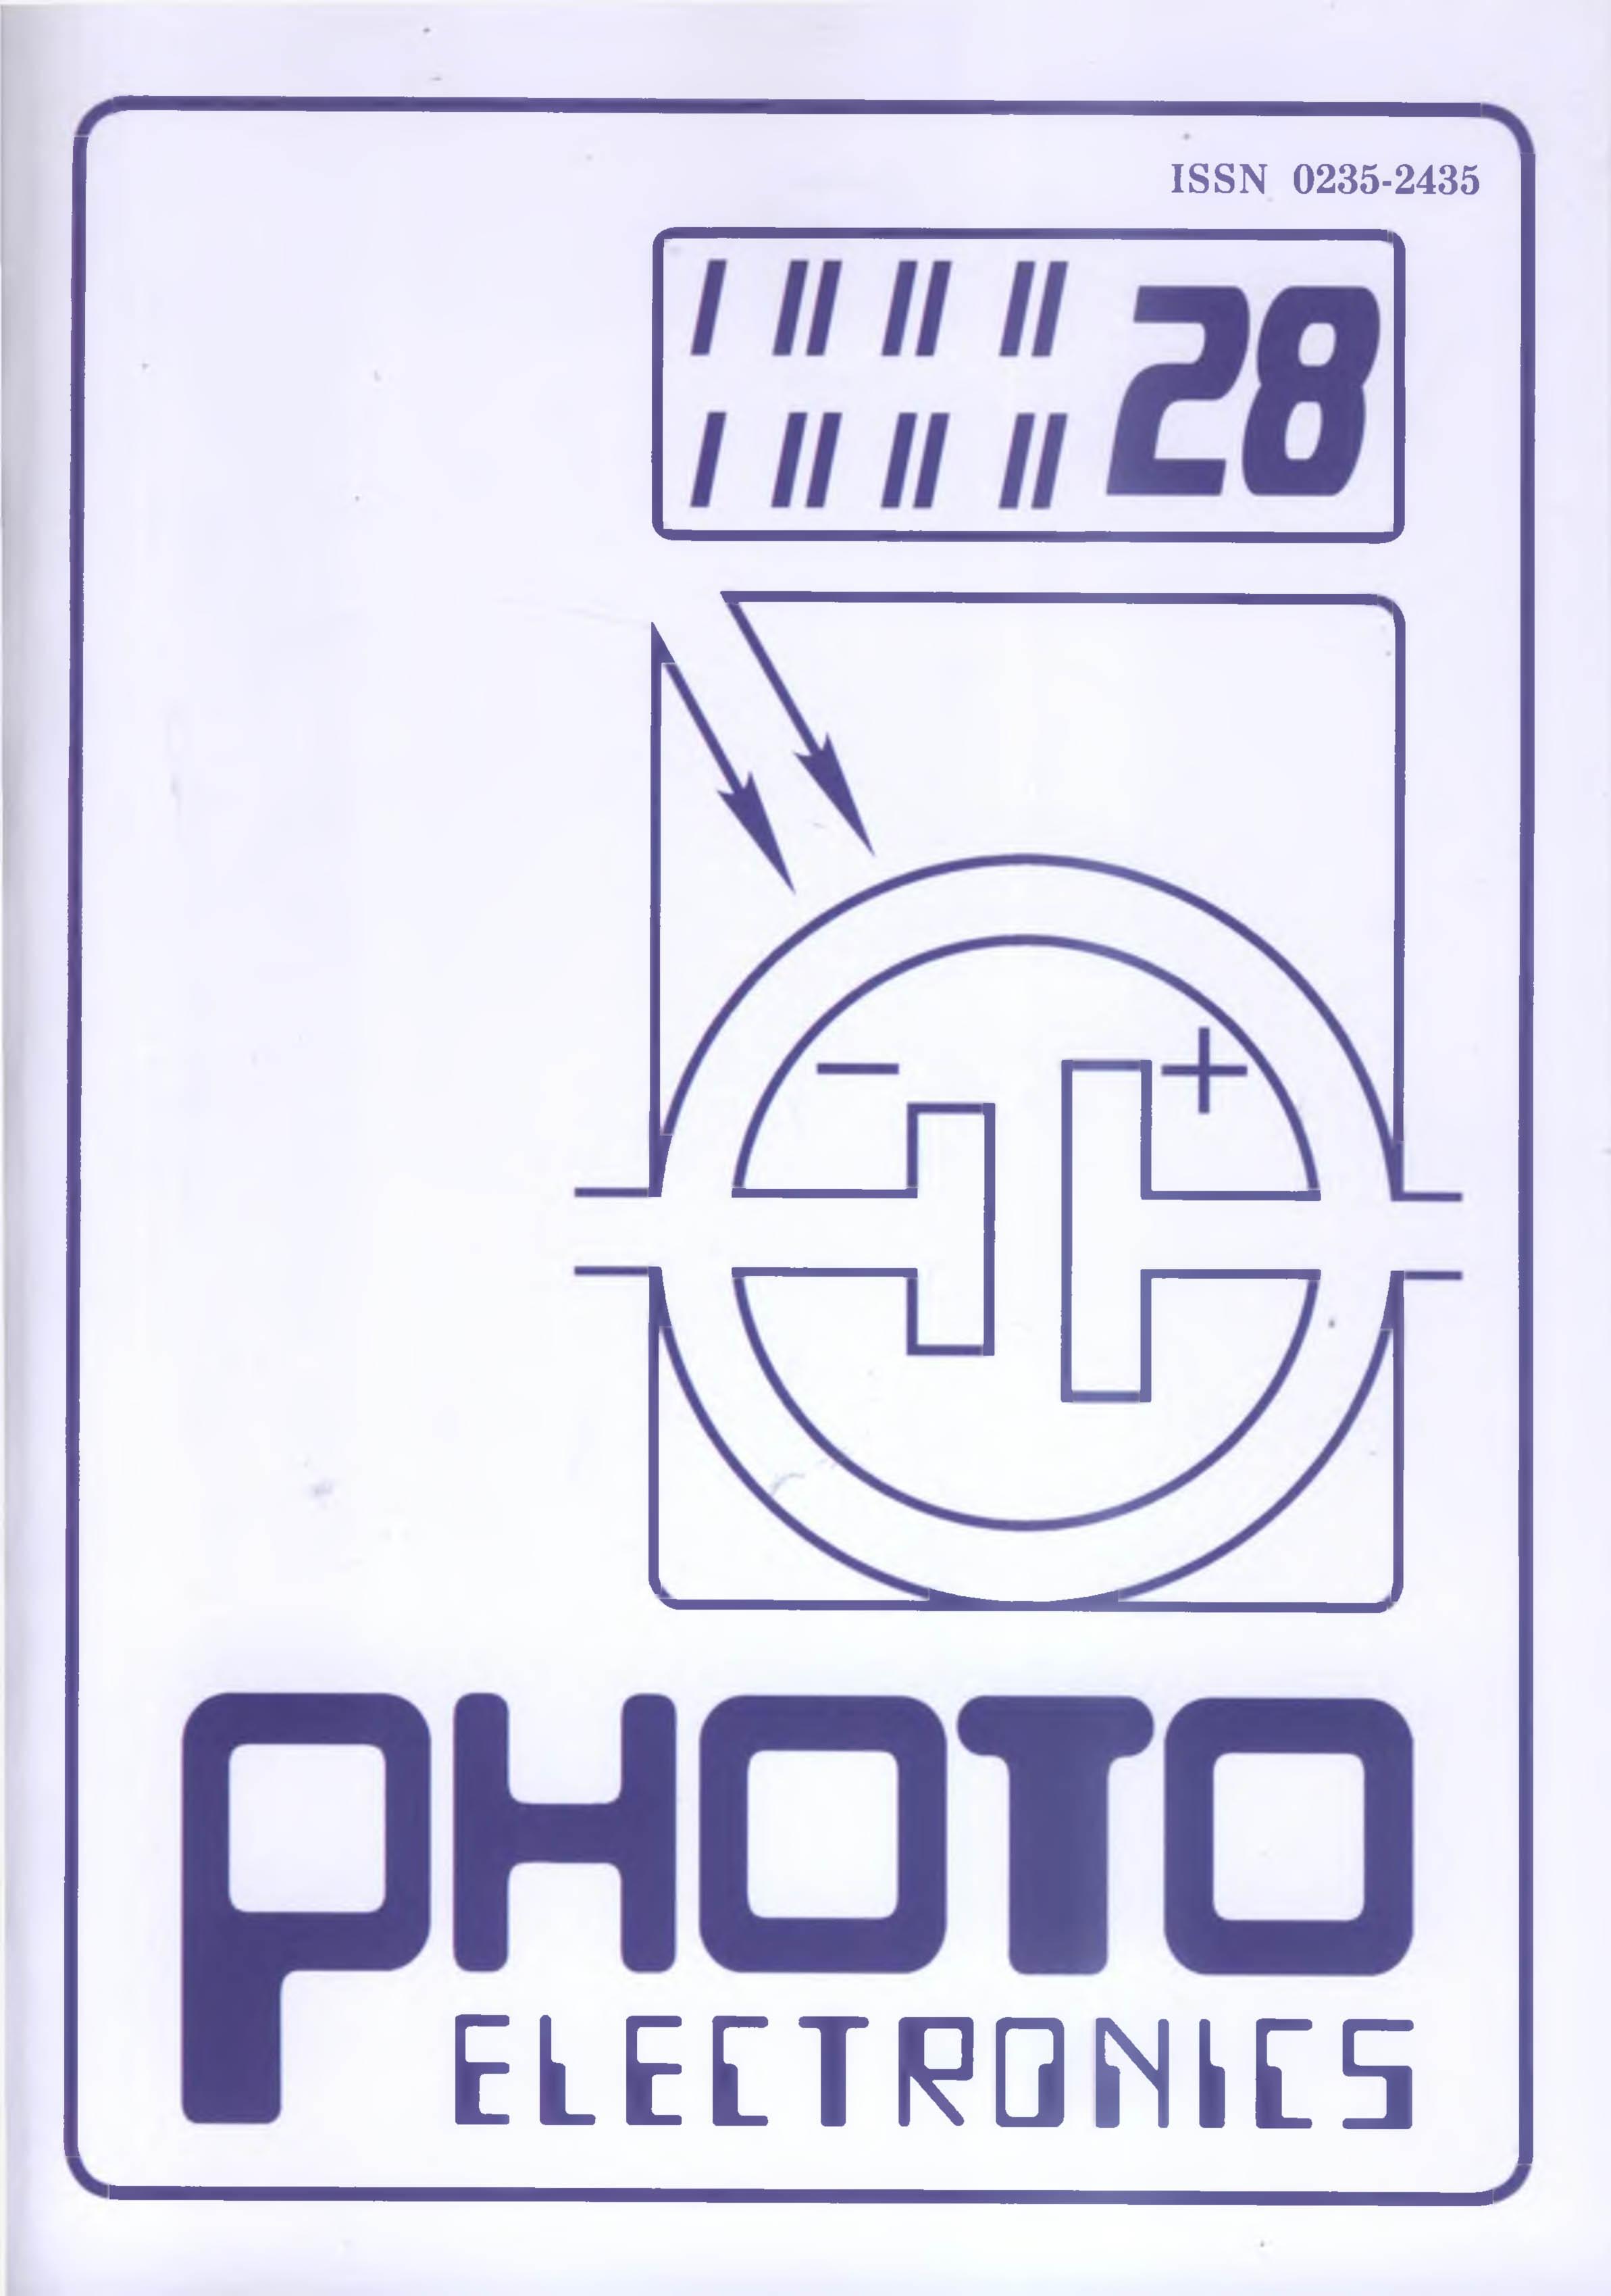 Обкладинка_Photoelectronics_28